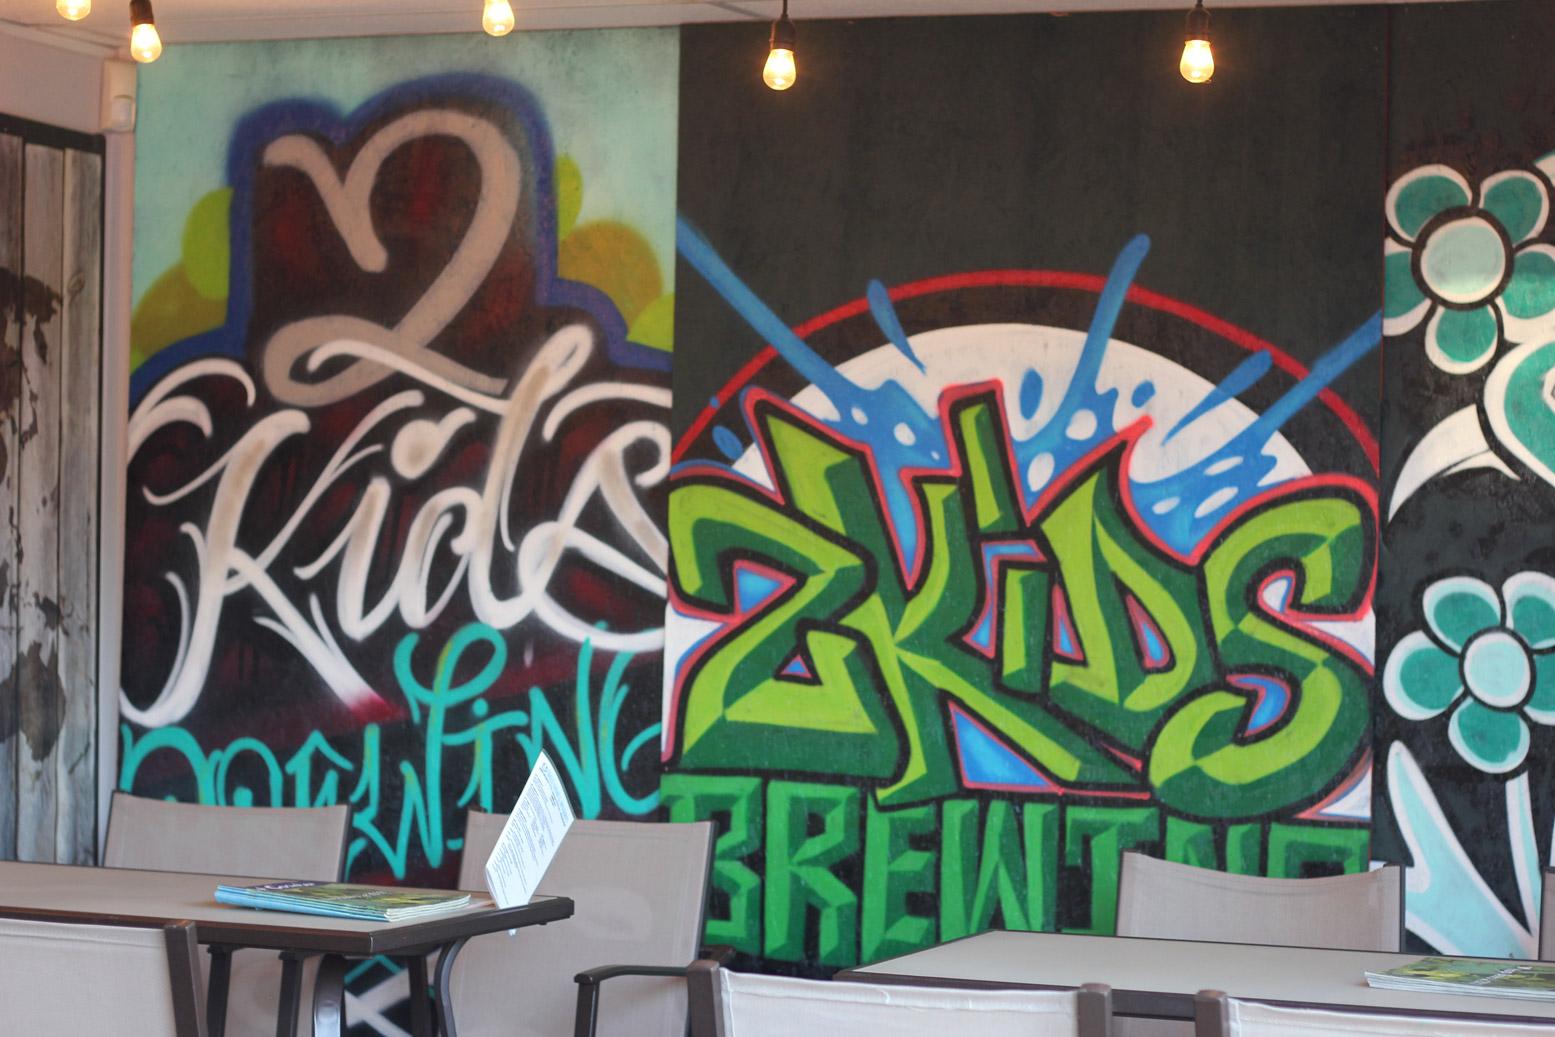 2KidsBrewingCo Graffiti Murals